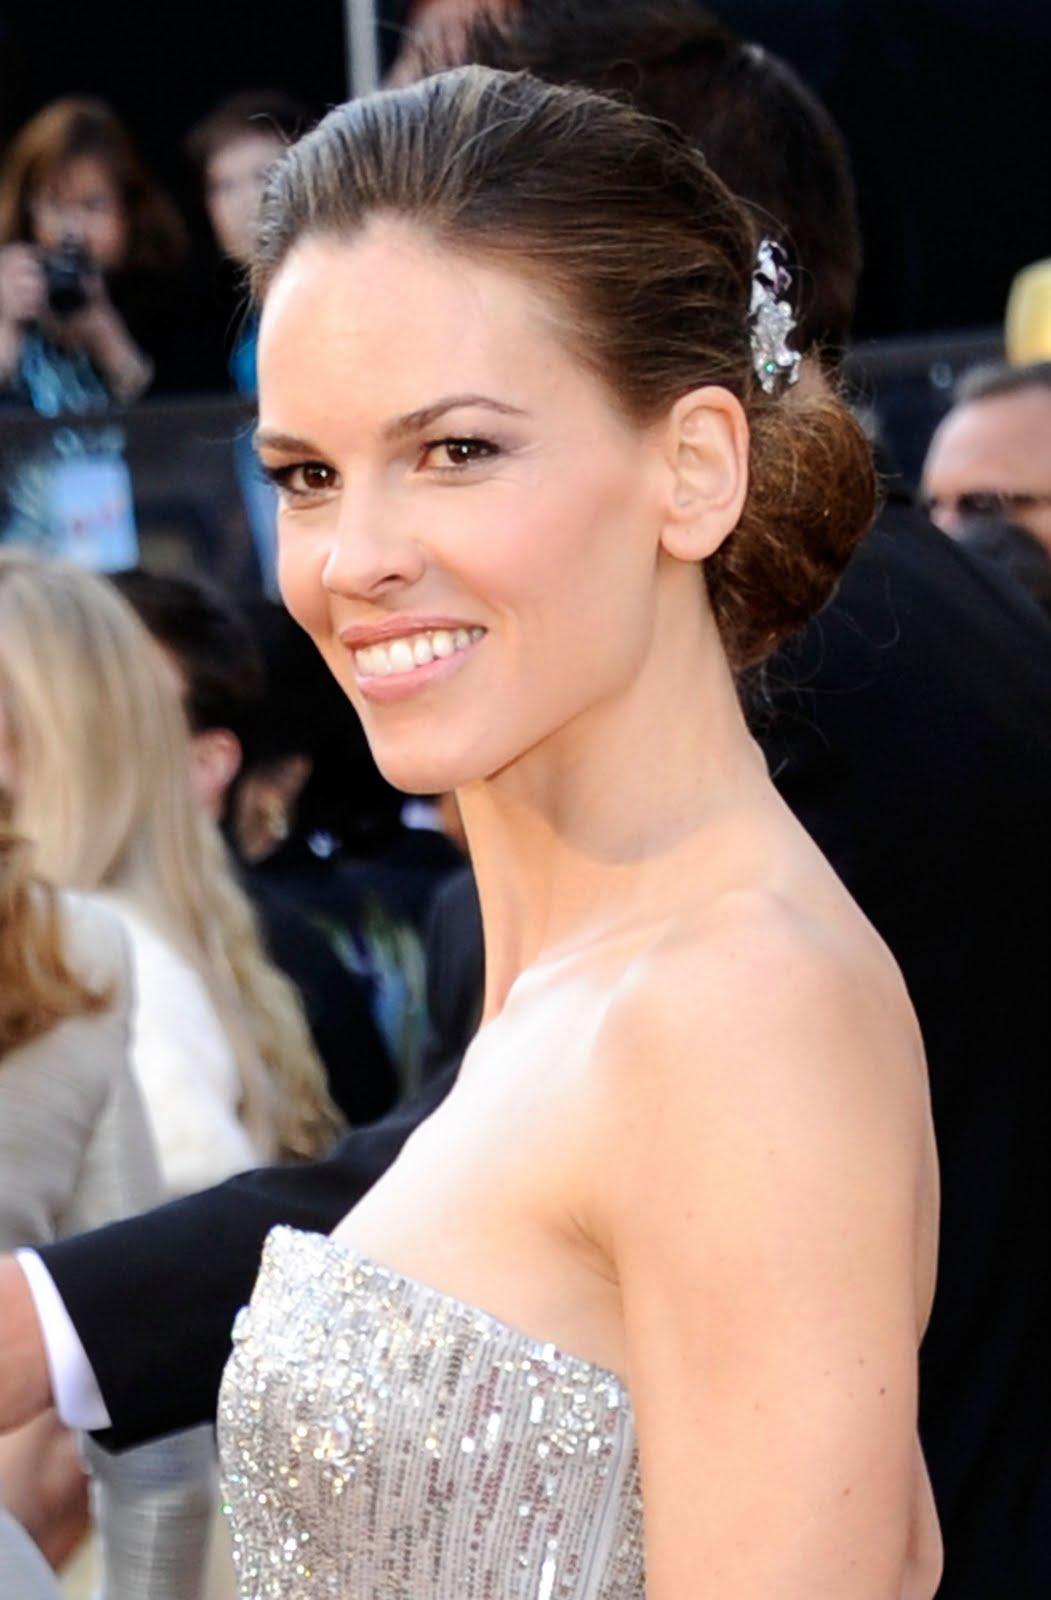 http://3.bp.blogspot.com/-JuHH5qXGuZU/TWv3T8XC6II/AAAAAAAAB3k/-hVcQd1cUJc/s1600/HilarySwank_Oscars.jpg